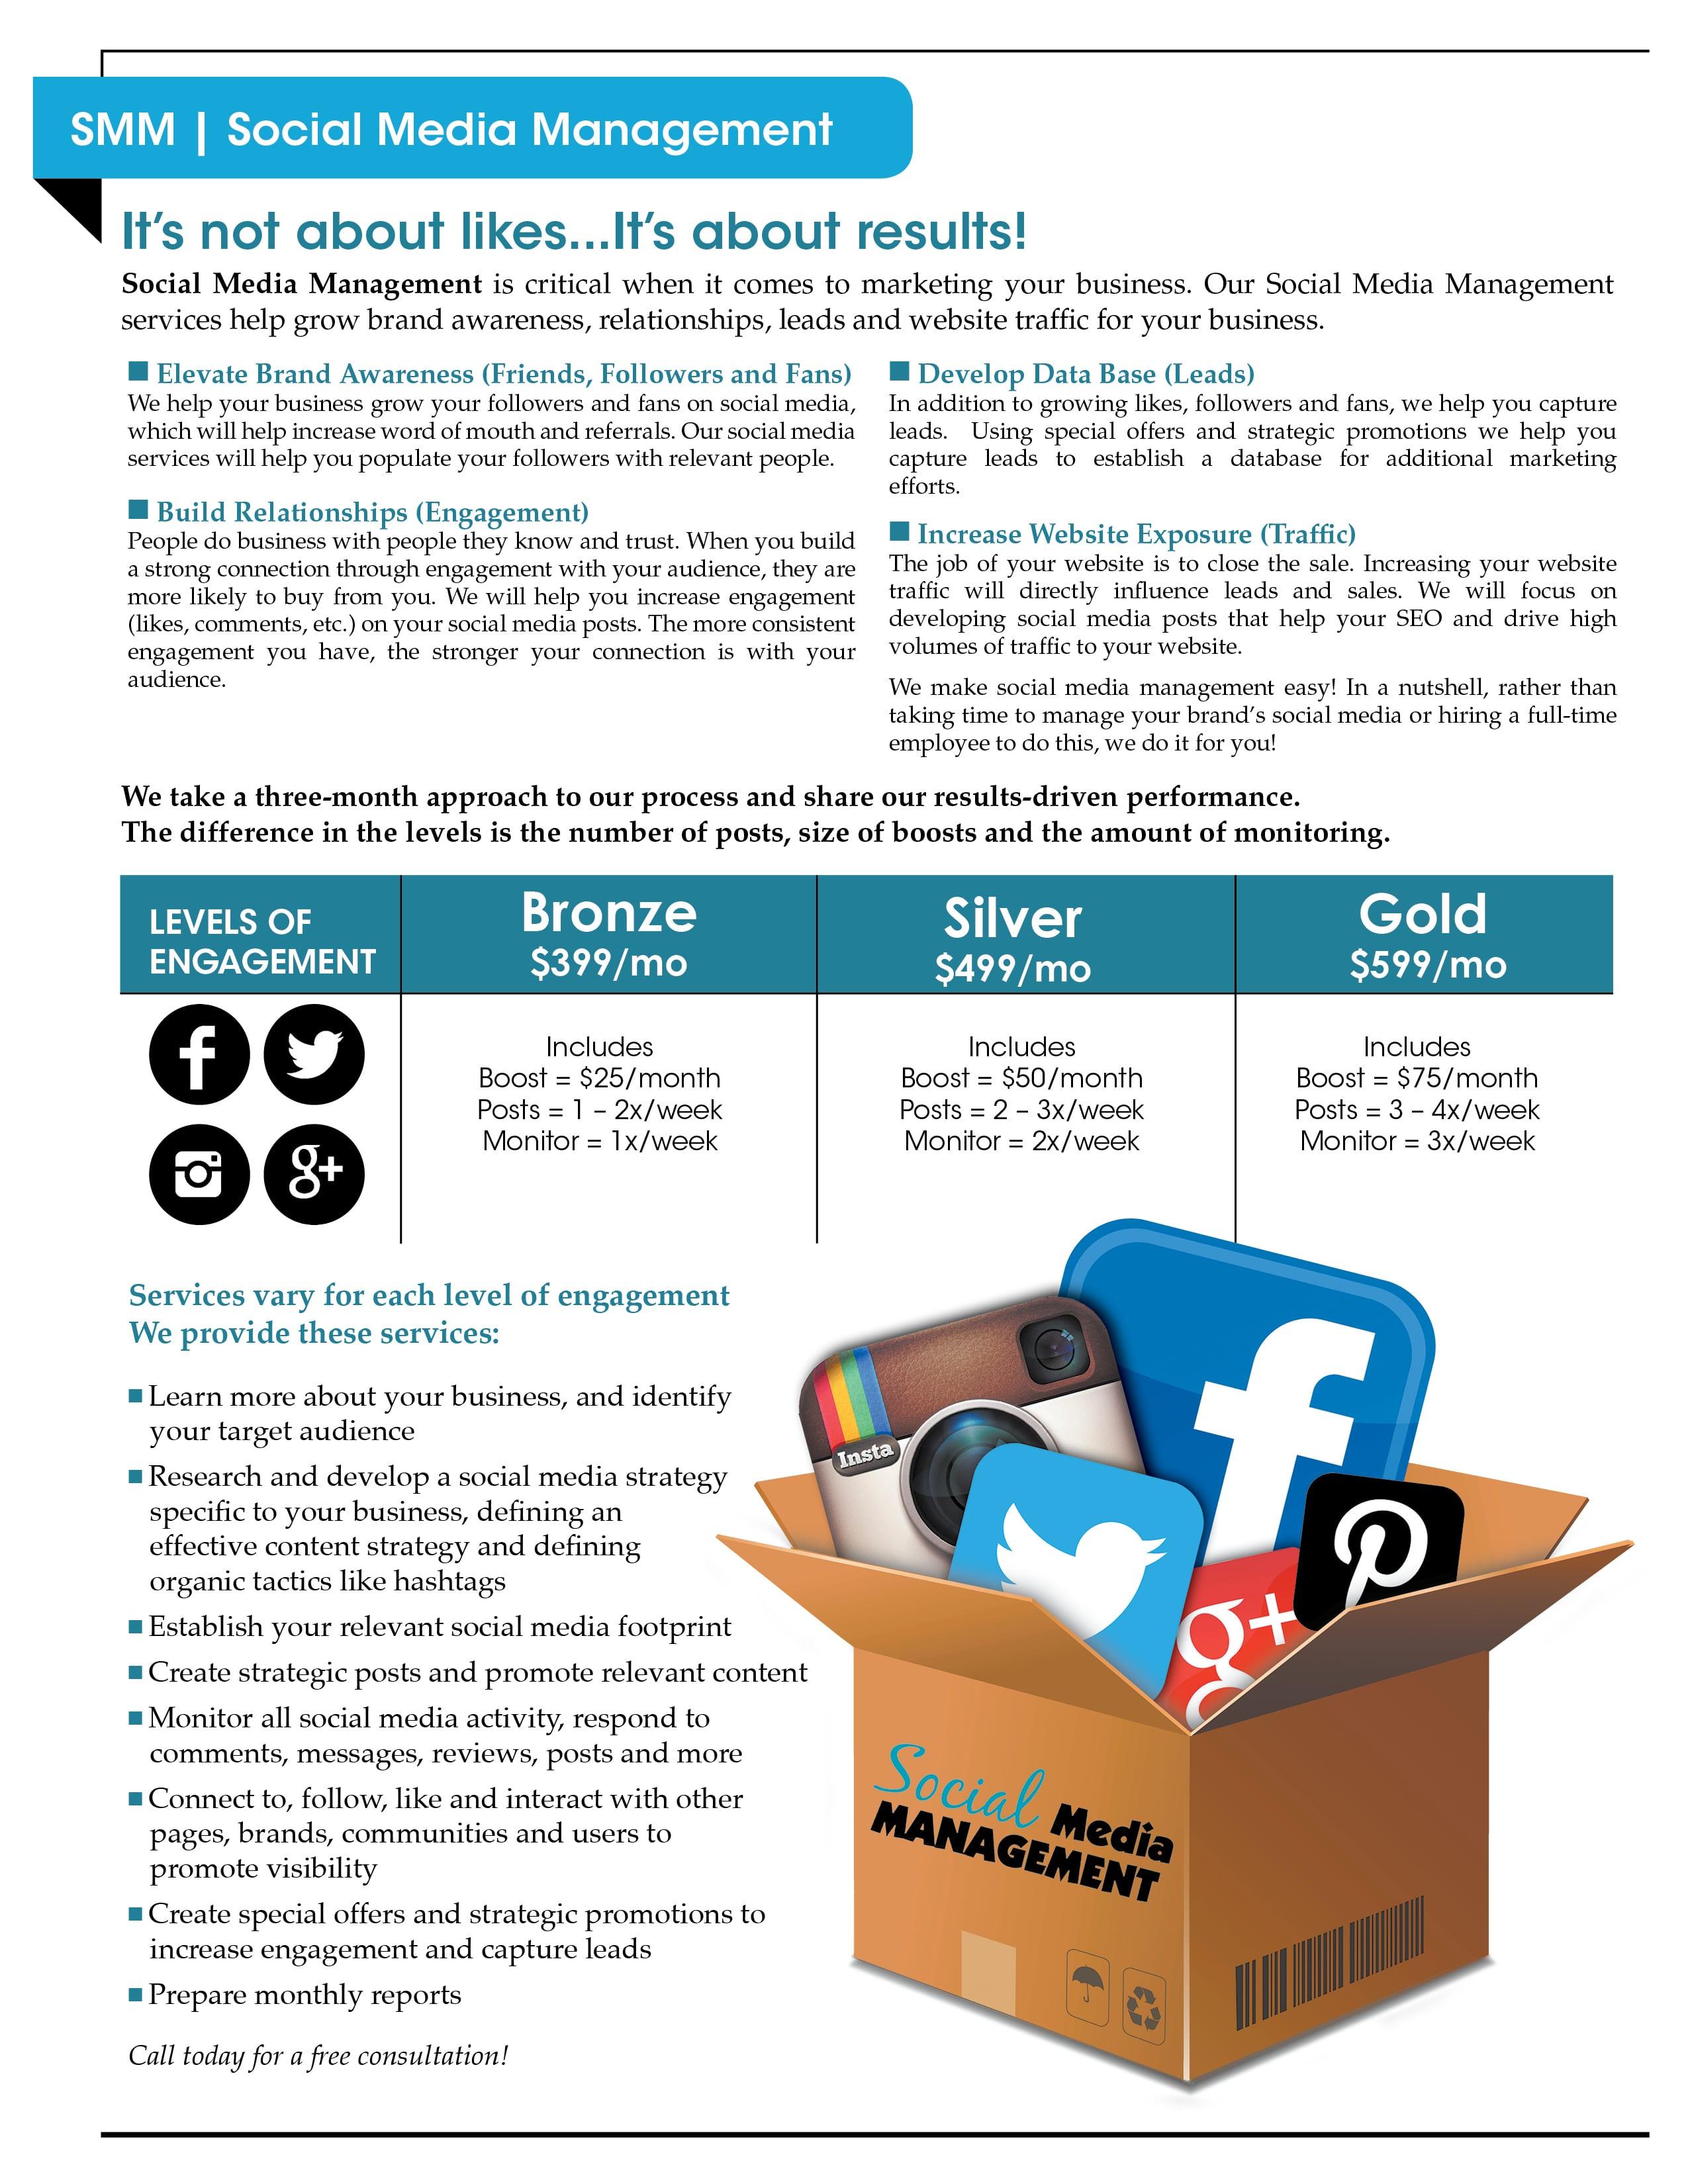 Social Media Management Services - Dallas Voice